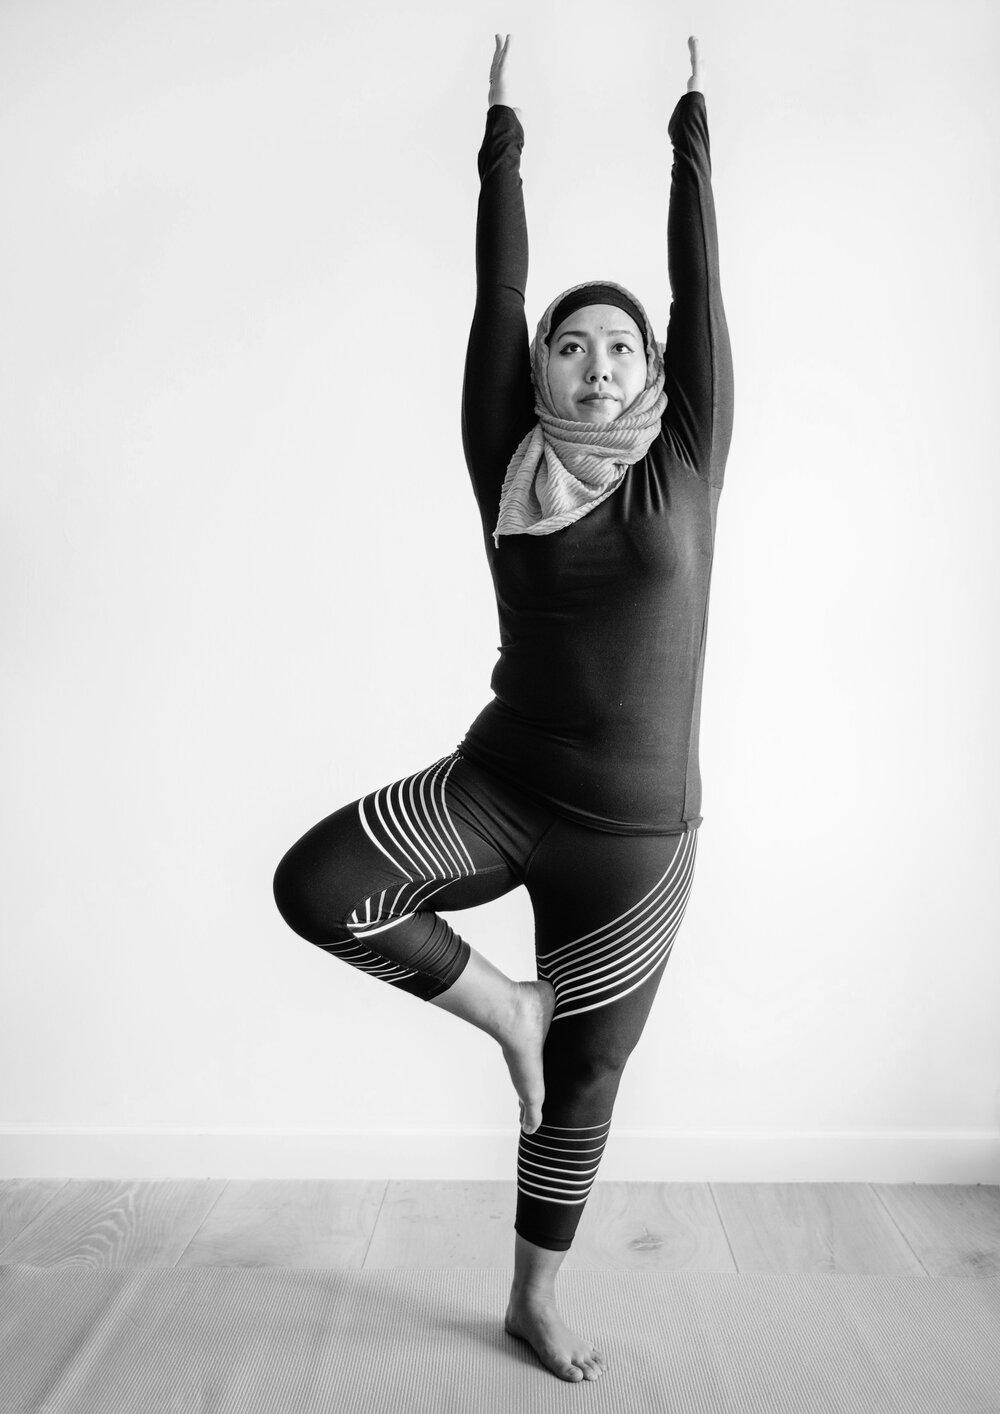 iStockPhoto_prenatal yoga_twist.jpg